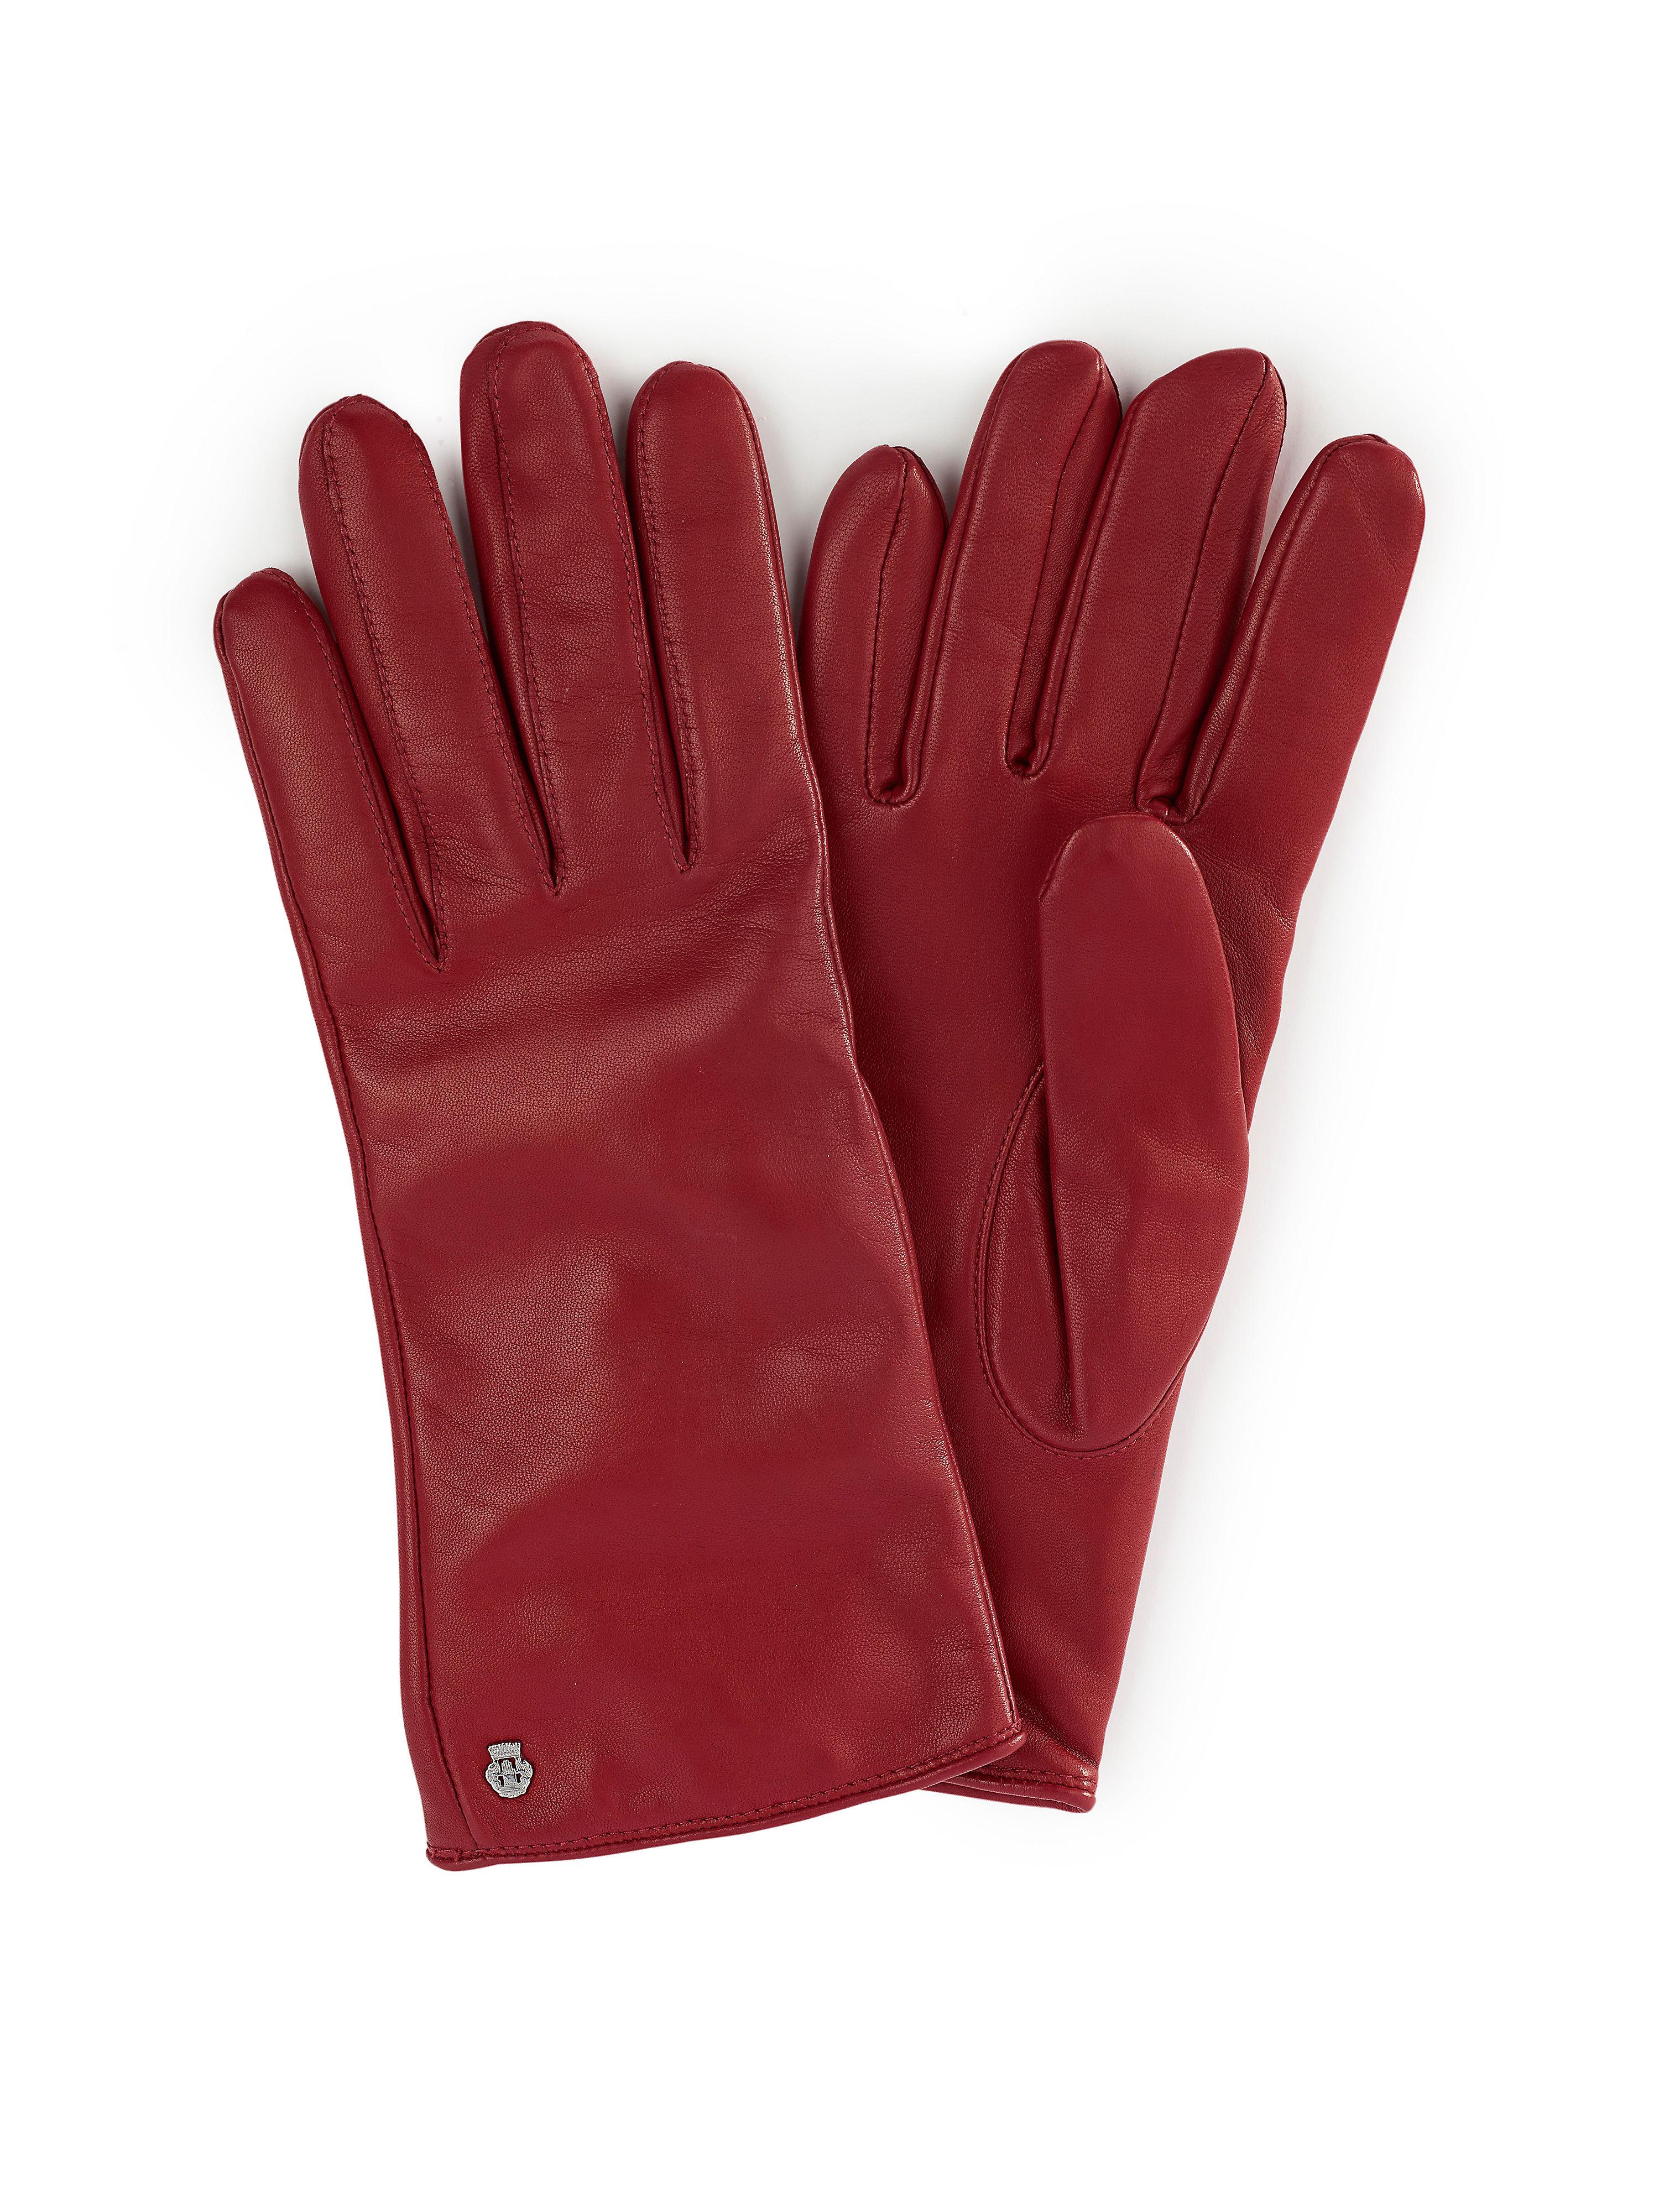 Handschoenen Van Roeckl rood